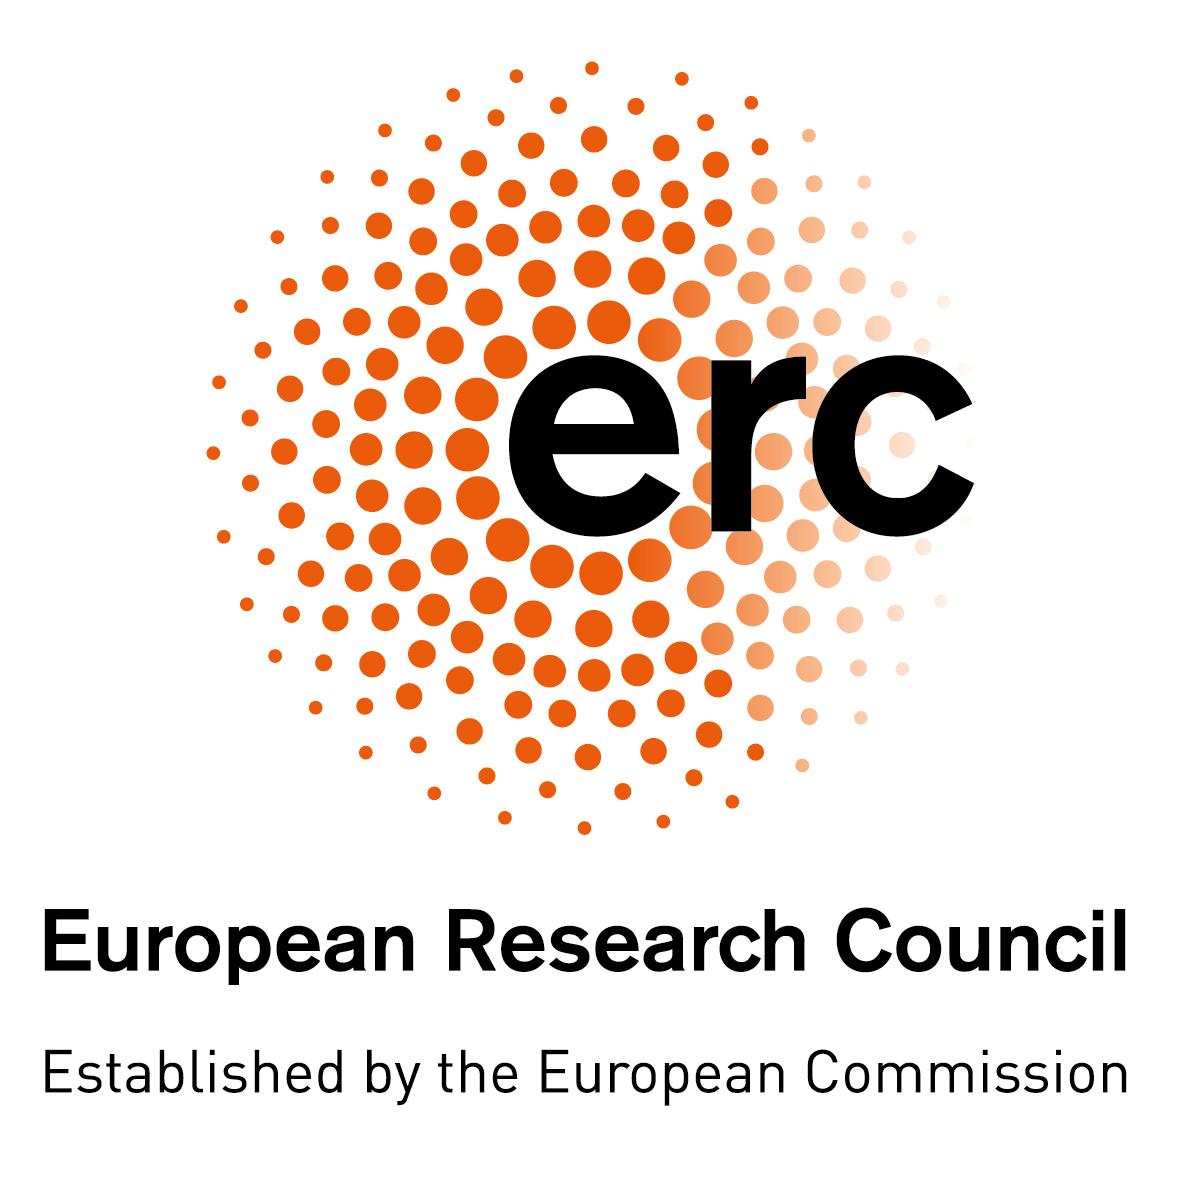 https://erc.europa.eu/sites/default/files/LOGO_ERC.jpg